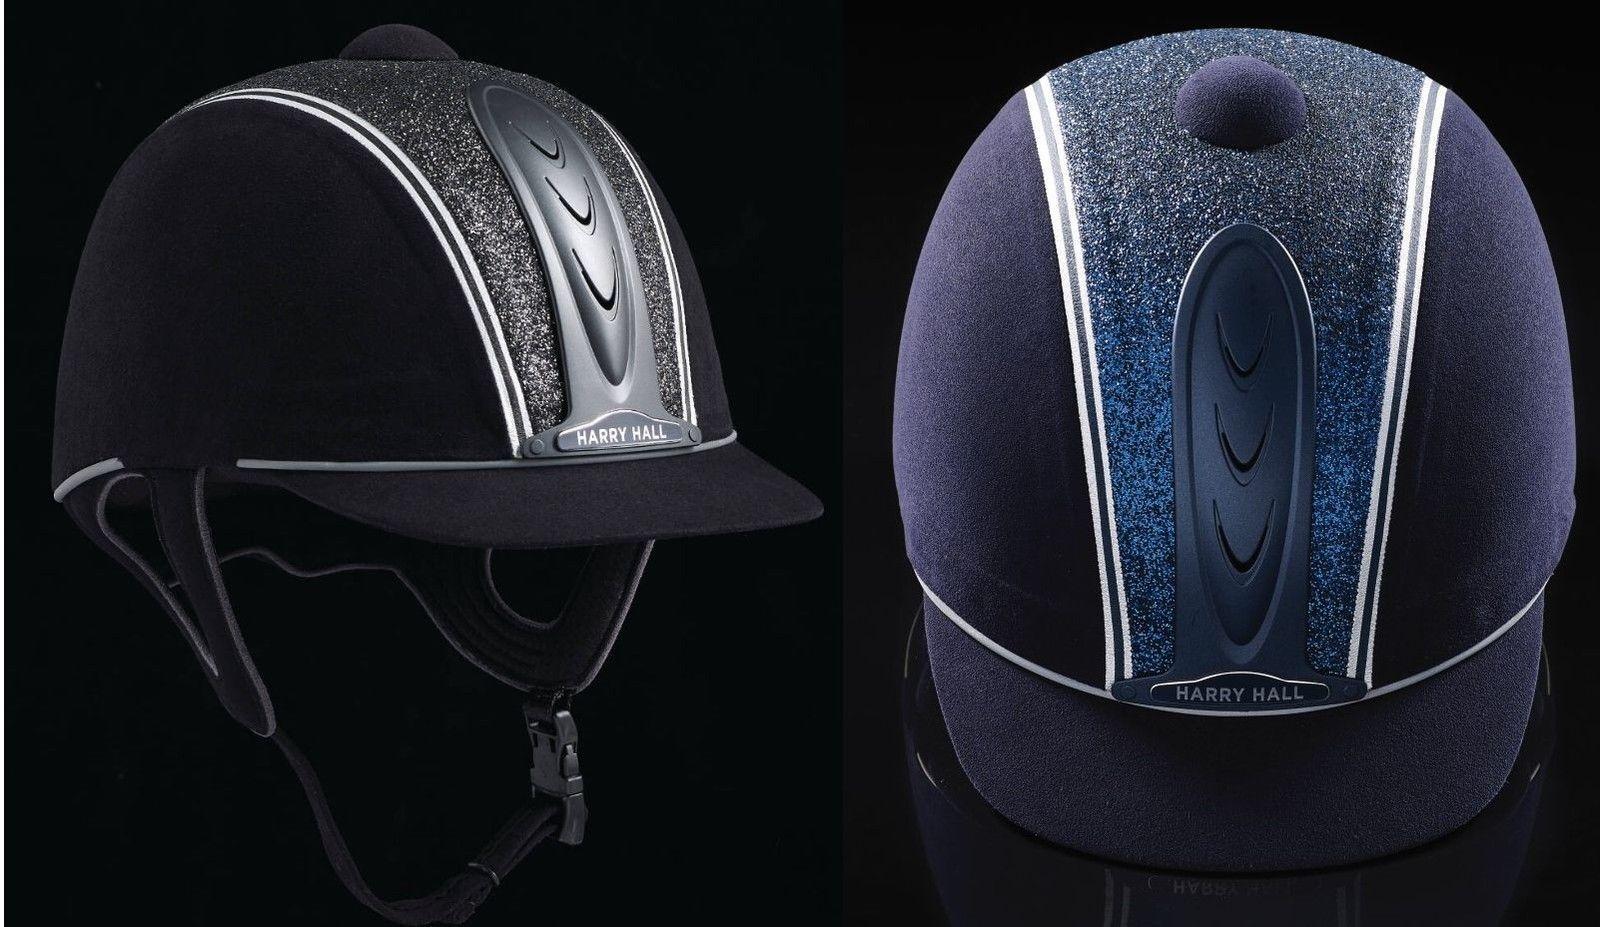 Nouveau hall de Harry légende plus Cosmos pas015.2011 équitation chapeau casque strass